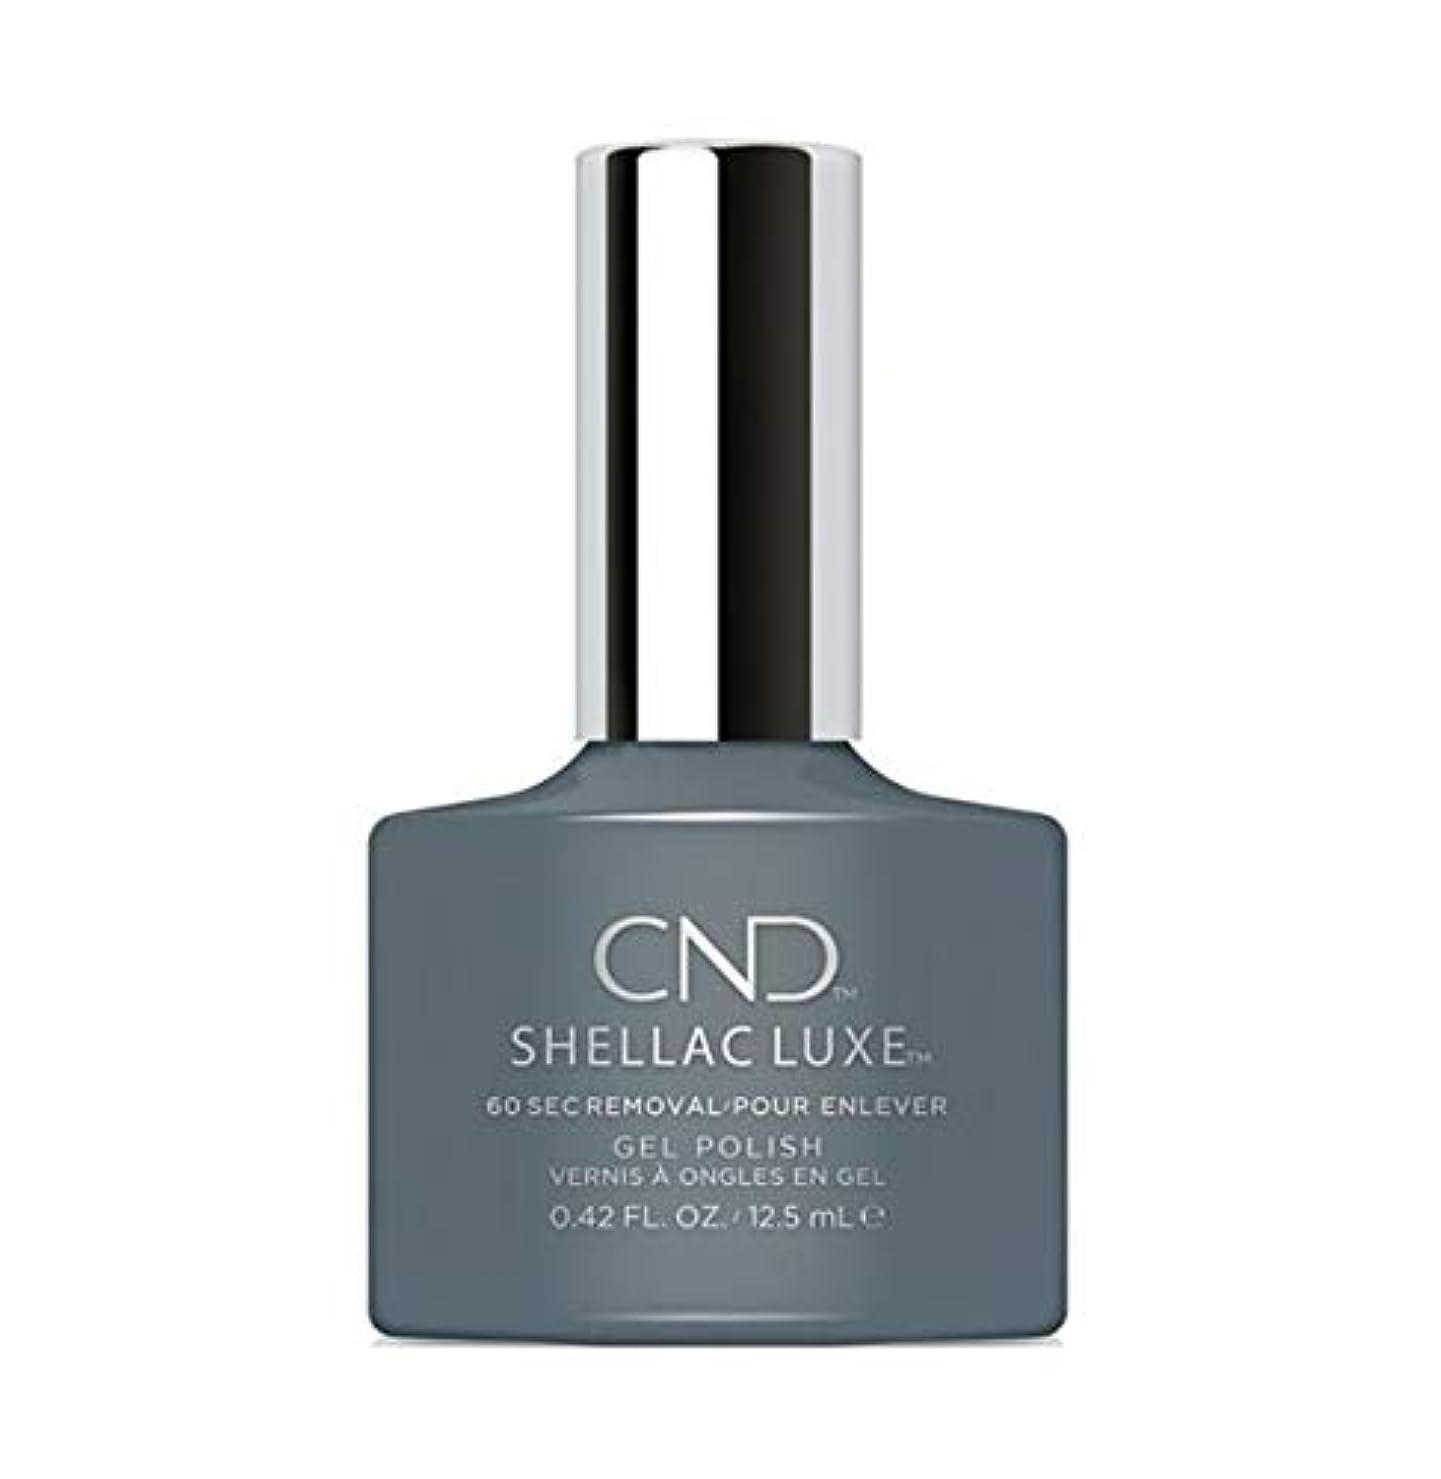 潜むフォーラム懐疑論CND Shellac Luxe - Whisper - 12.5 ml / 0.42 oz